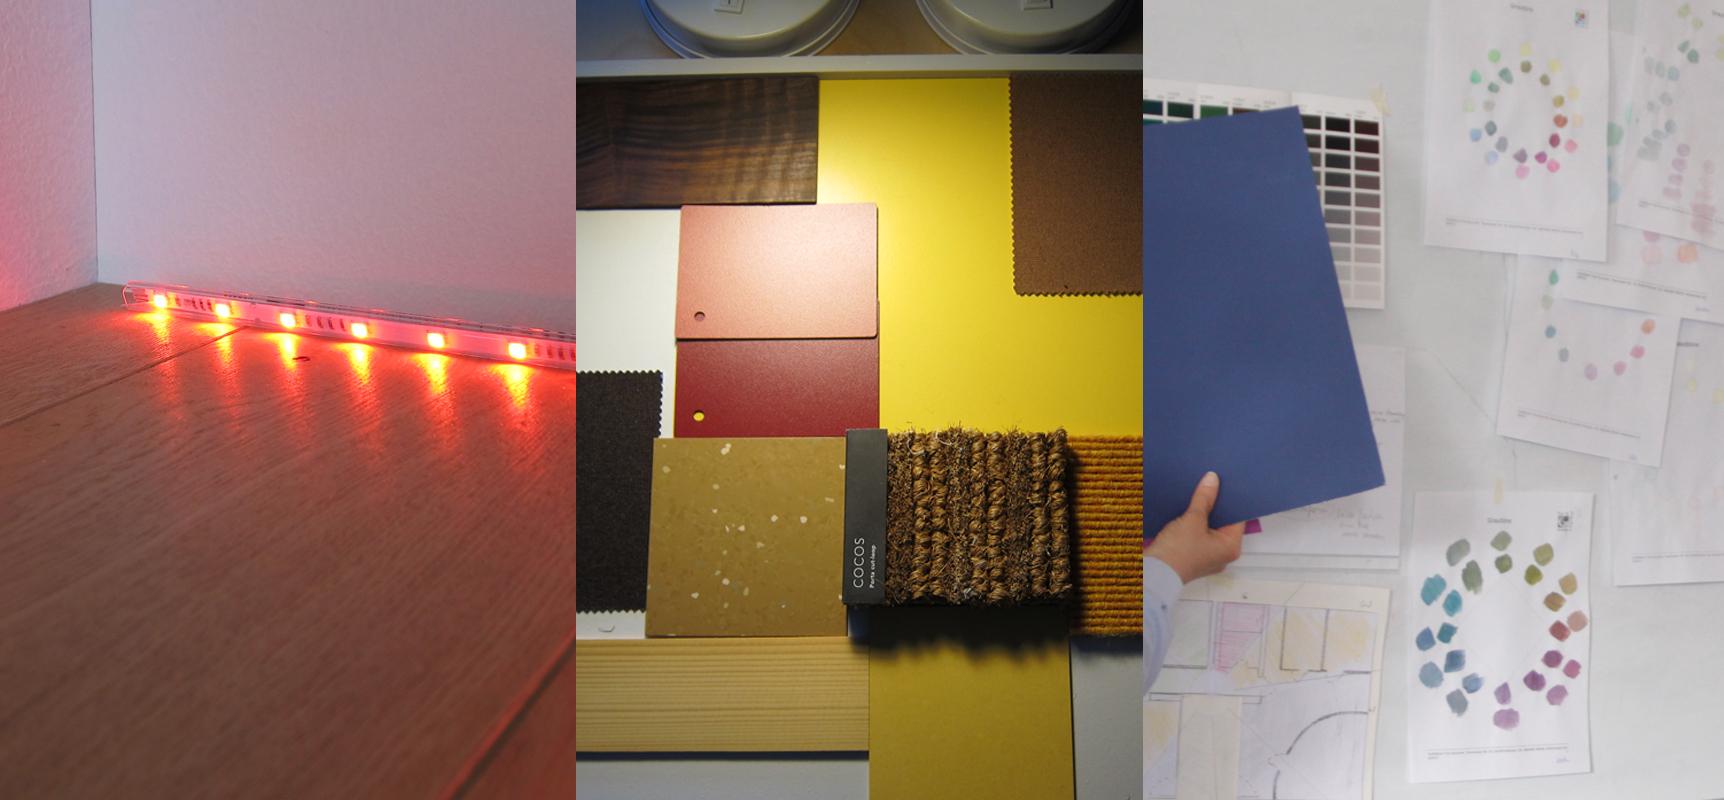 raumgestaltung-farben-icht-seminar